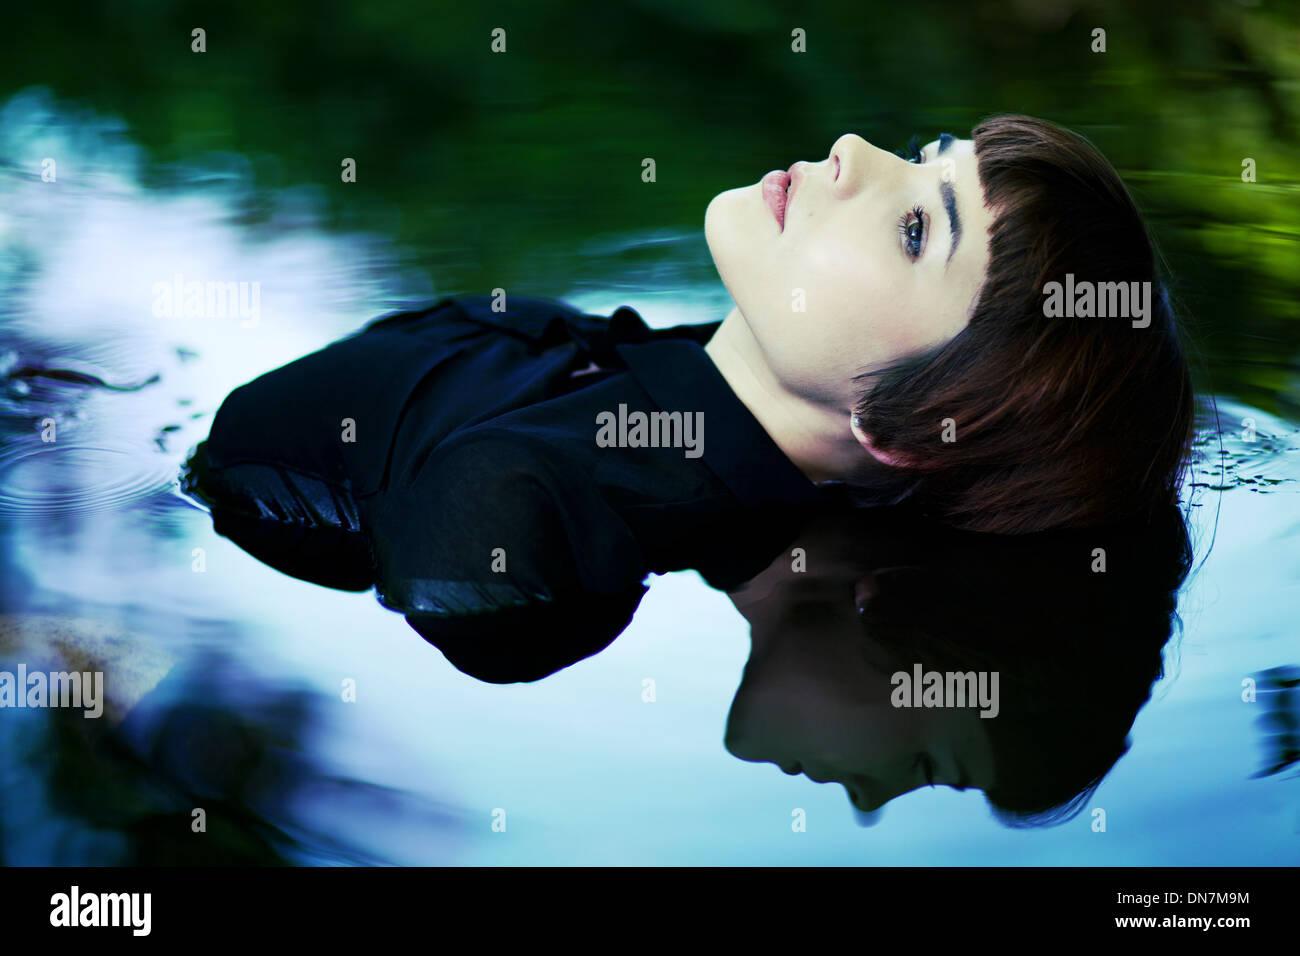 Junge Frau sitzt im Wasser, Porträt Stockbild